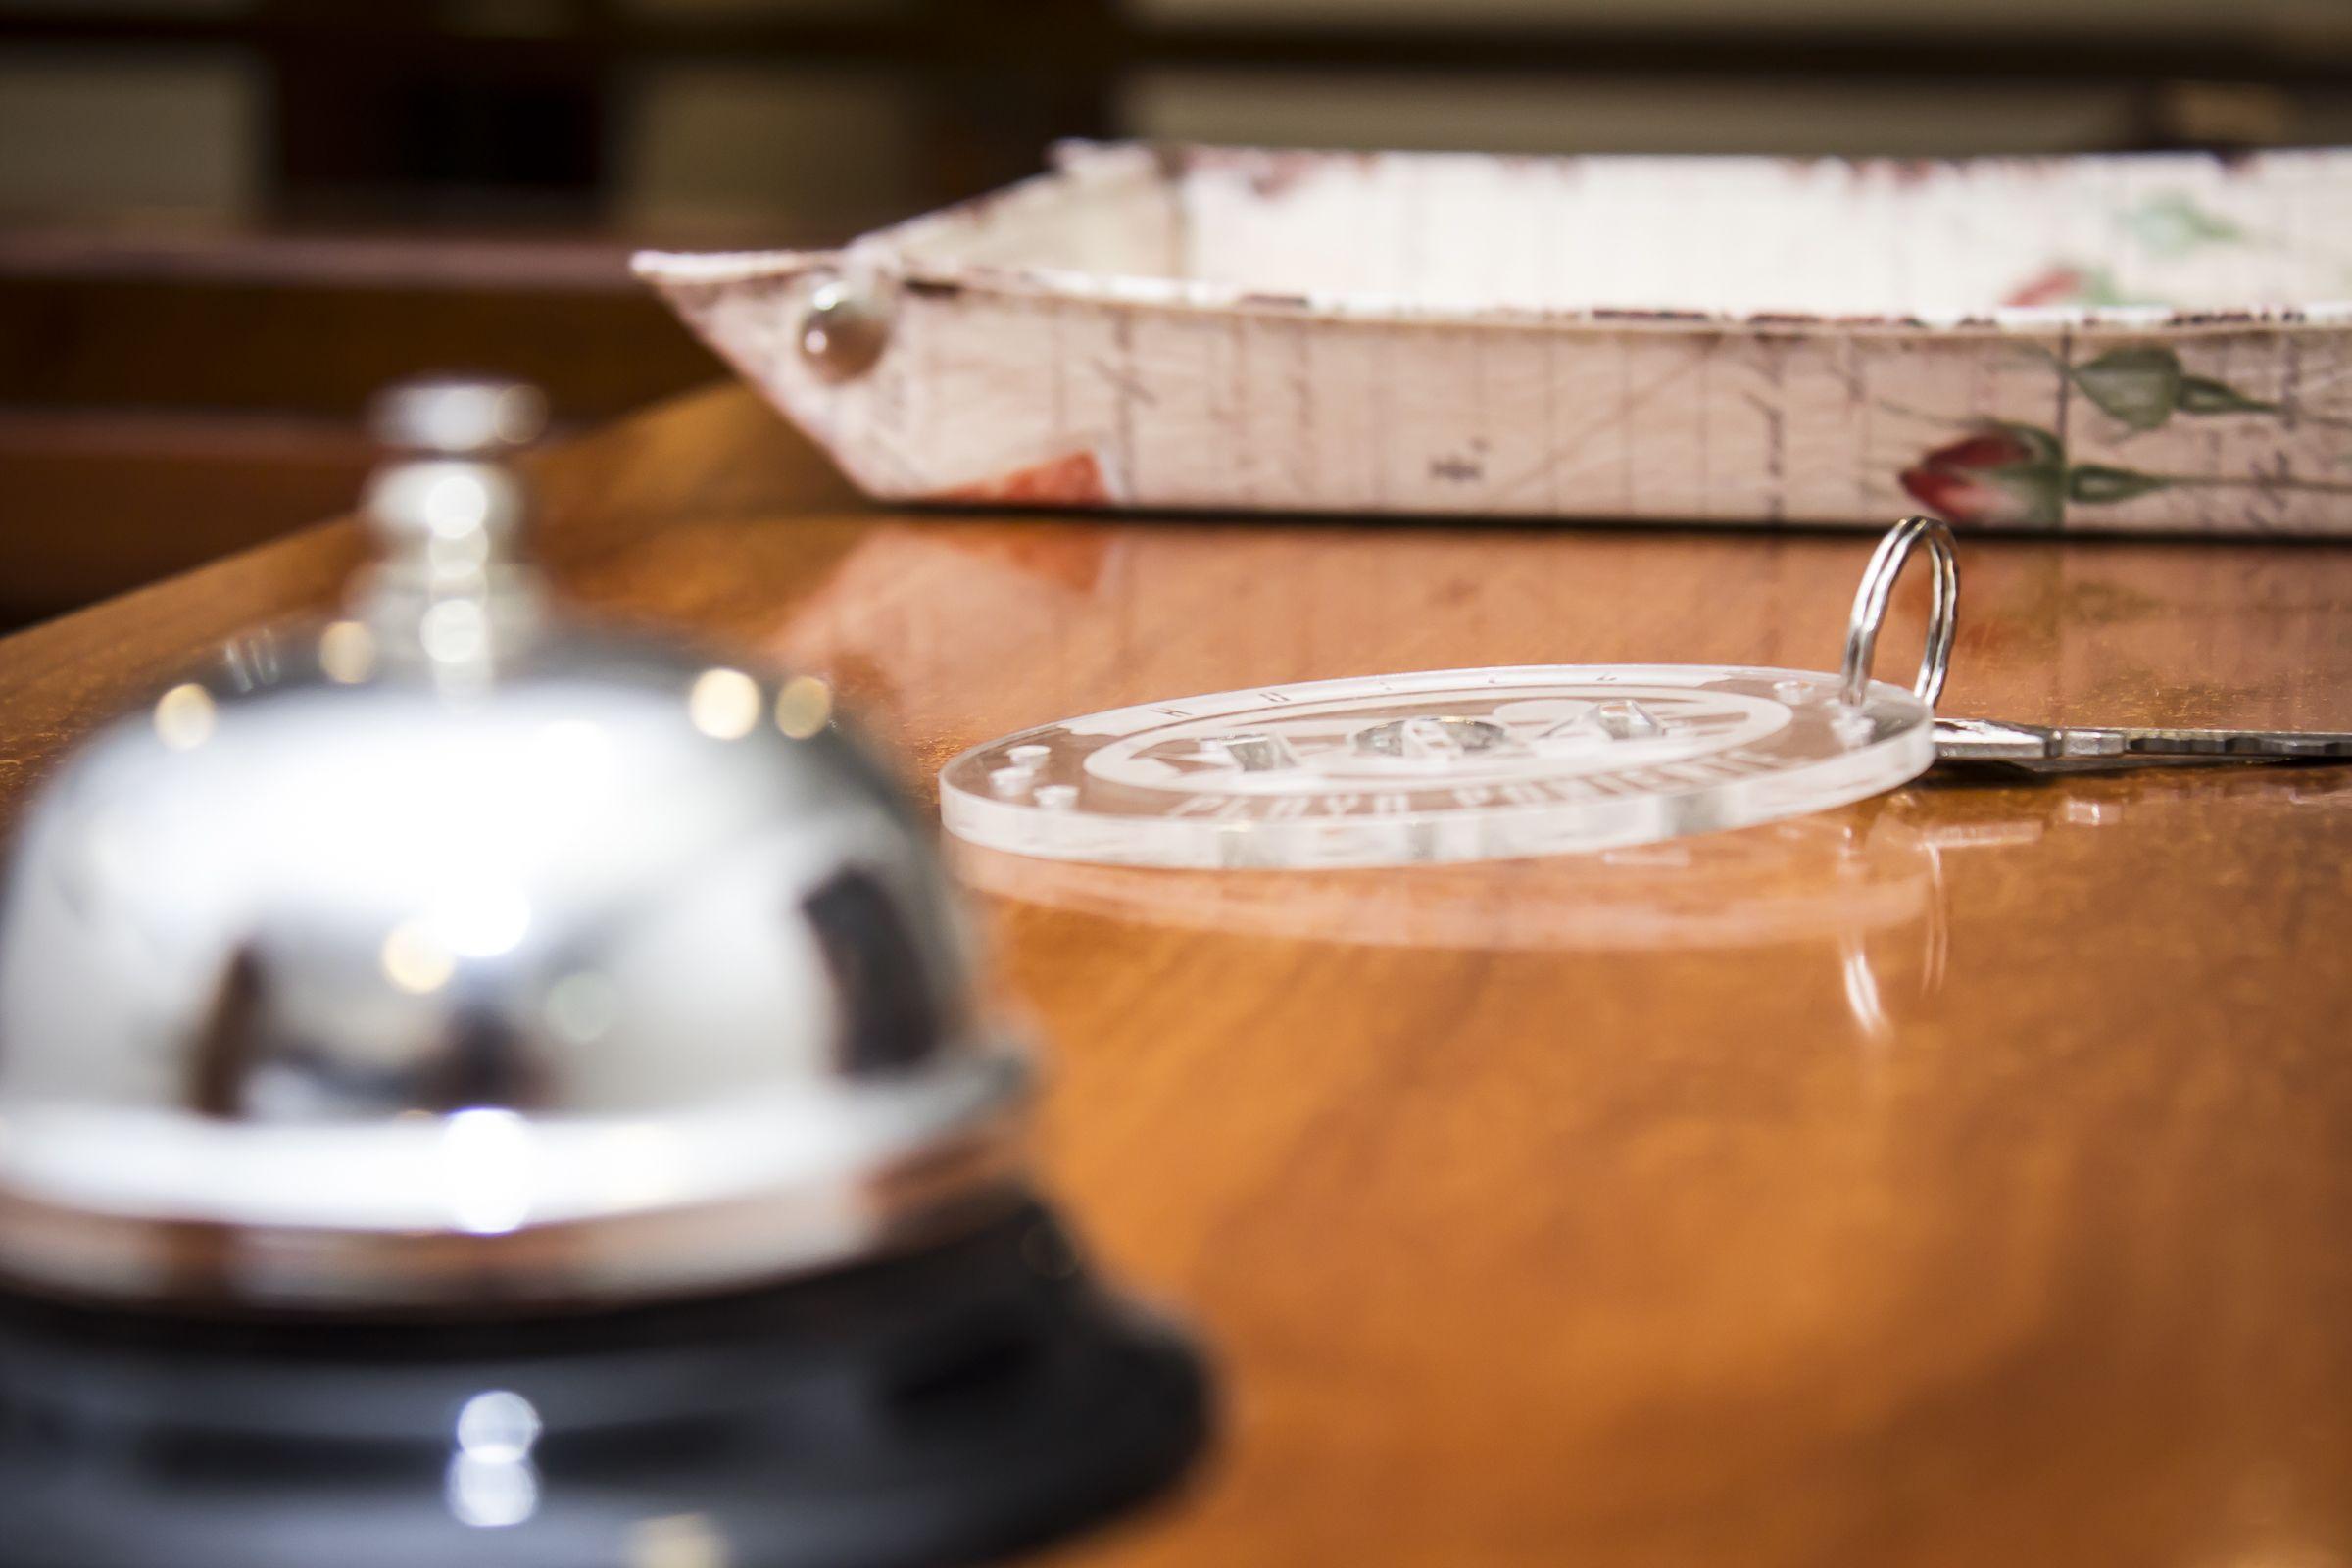 Detalle de nuestros llaveros en la recepción, hechos en metacrilato en el centro maker de #gijon,  nos encanta innovar!